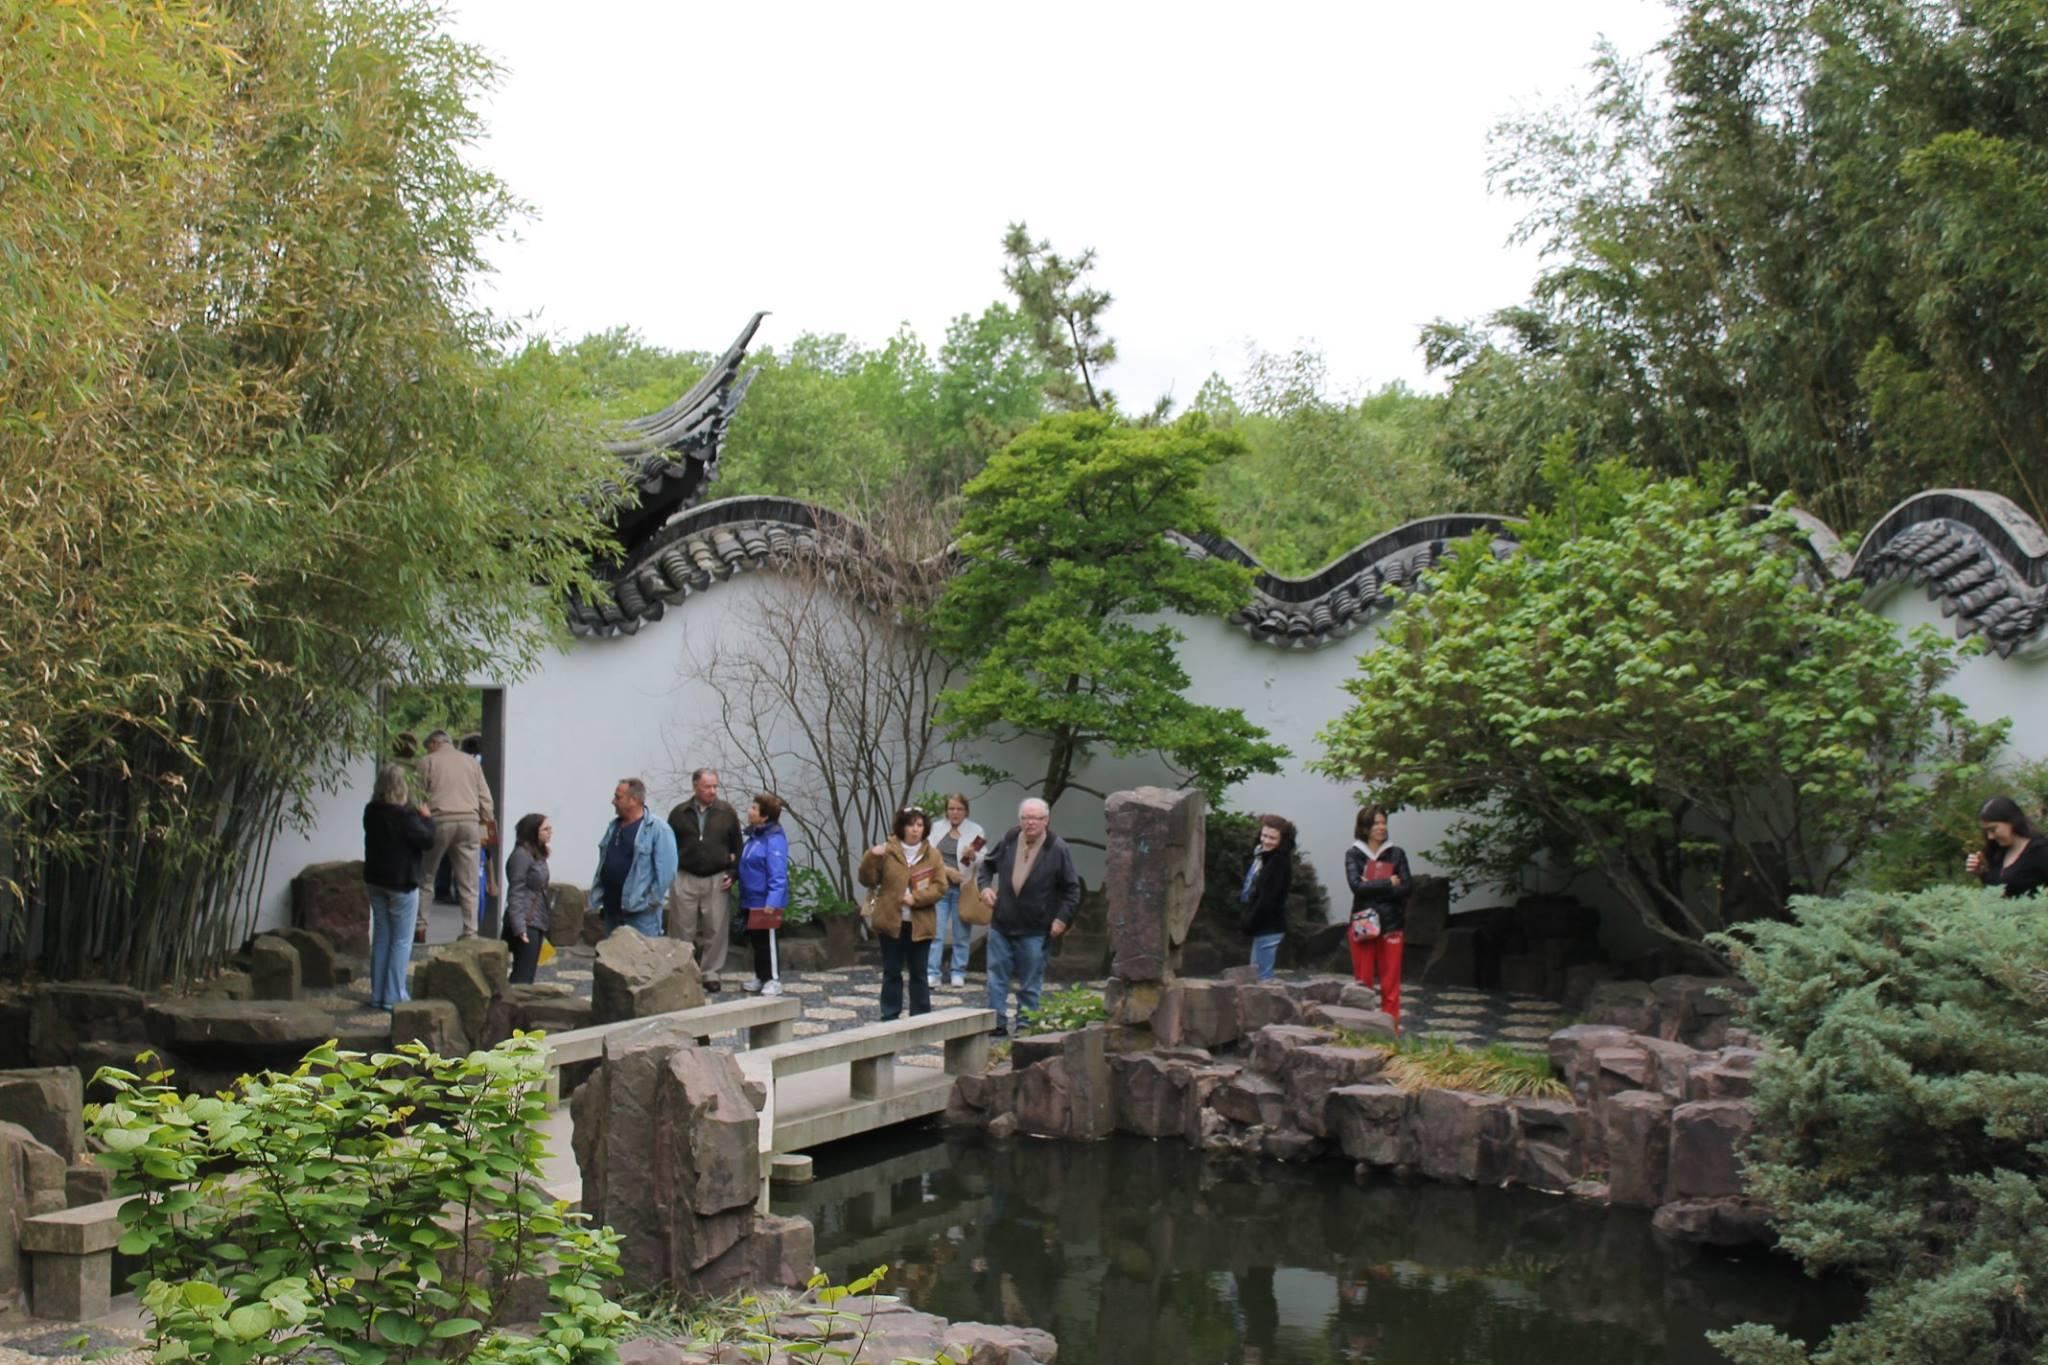 Garden Walk Mall: Snug Harbor Cultural Center & Botanical Garden